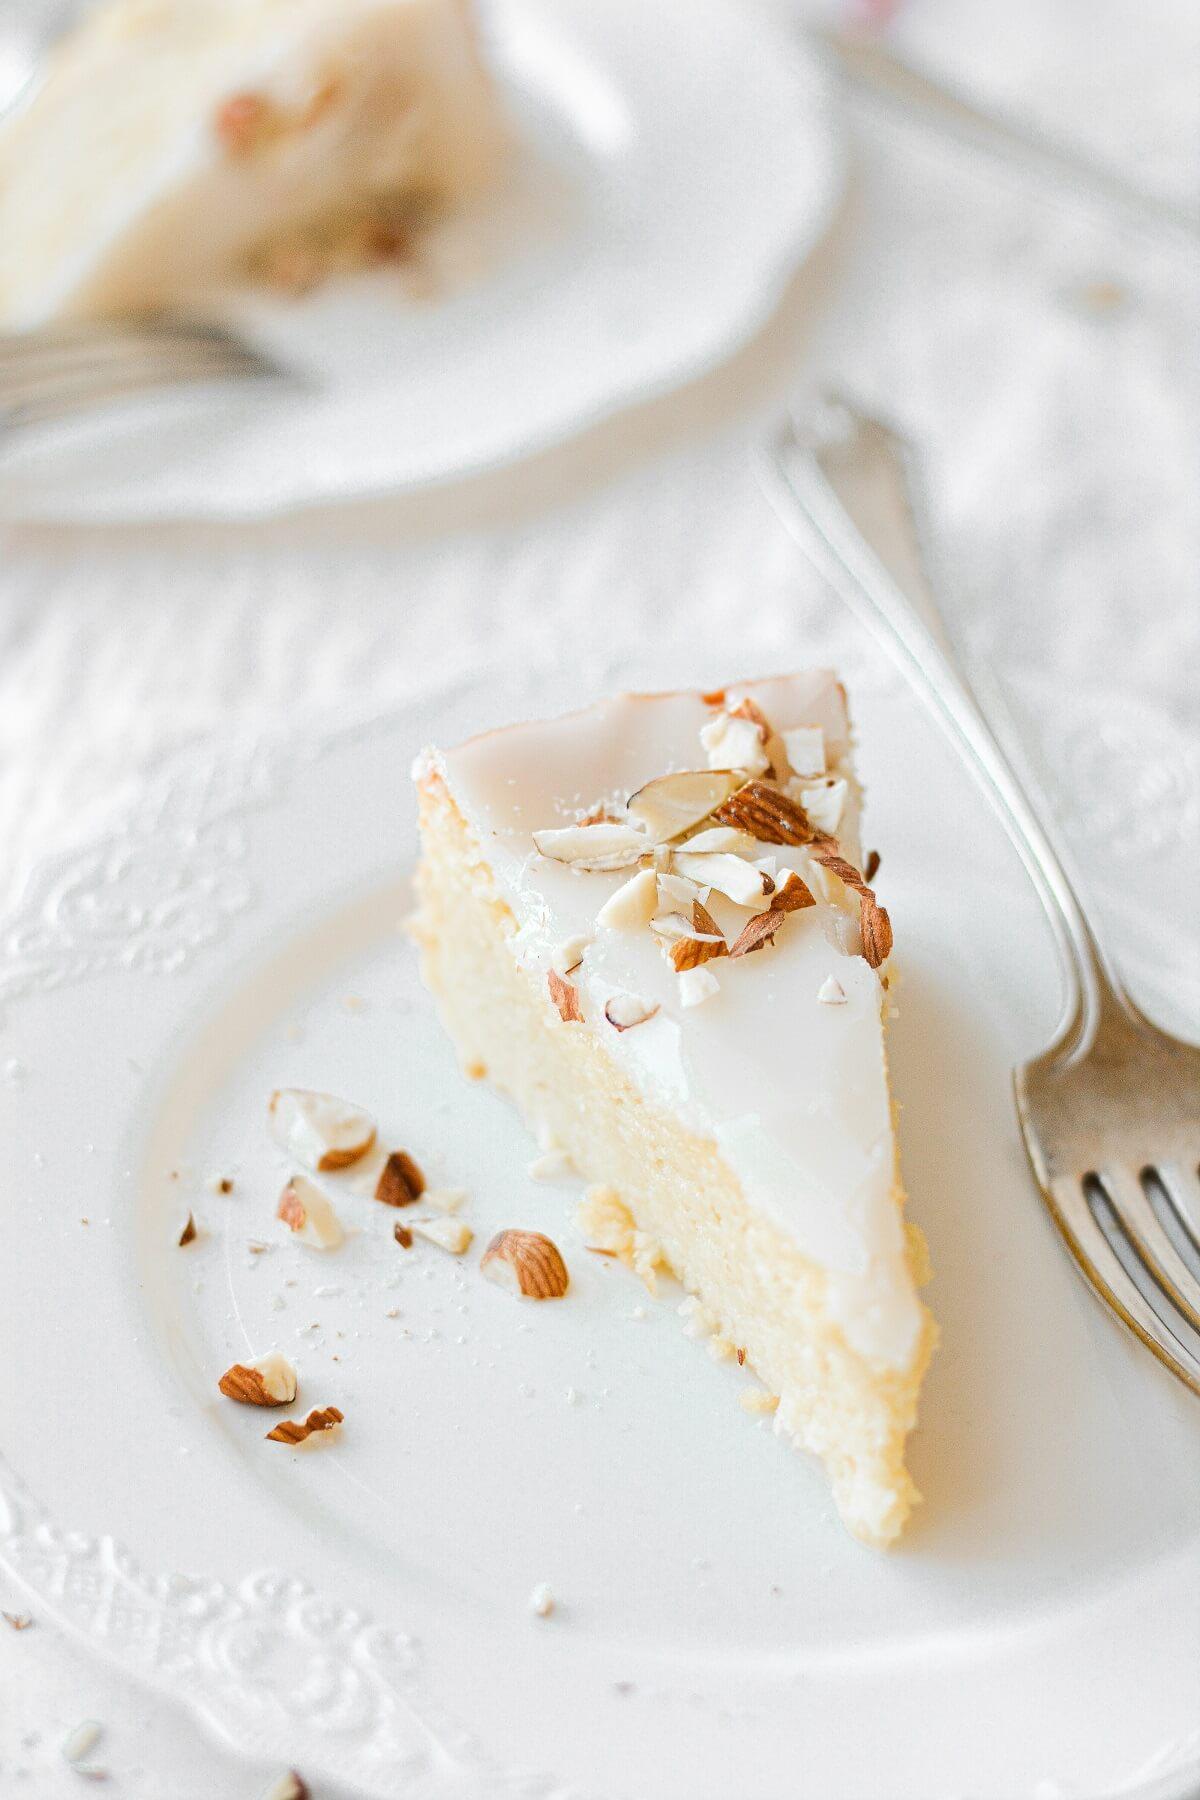 Slices of flourless almond torte on white plates.